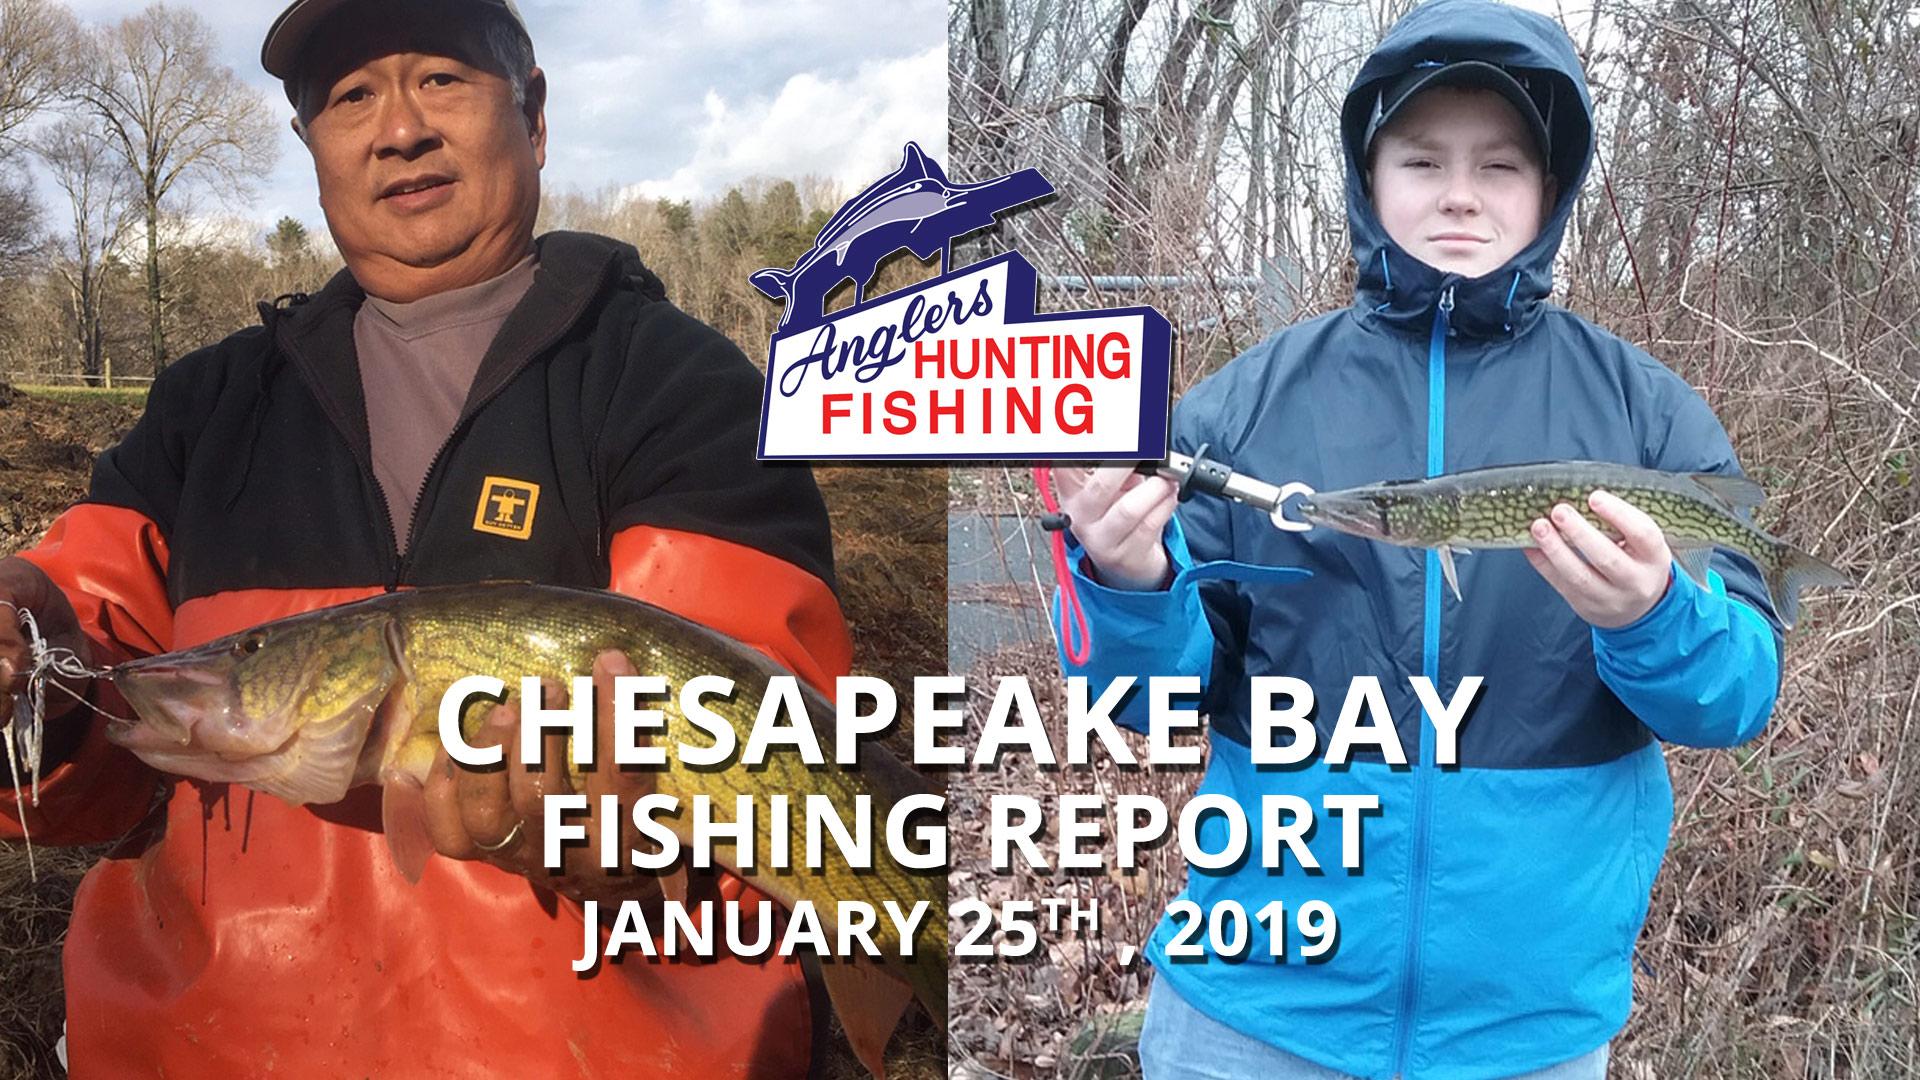 Chesapeake Bay Fishing Report - January 25th, 2019